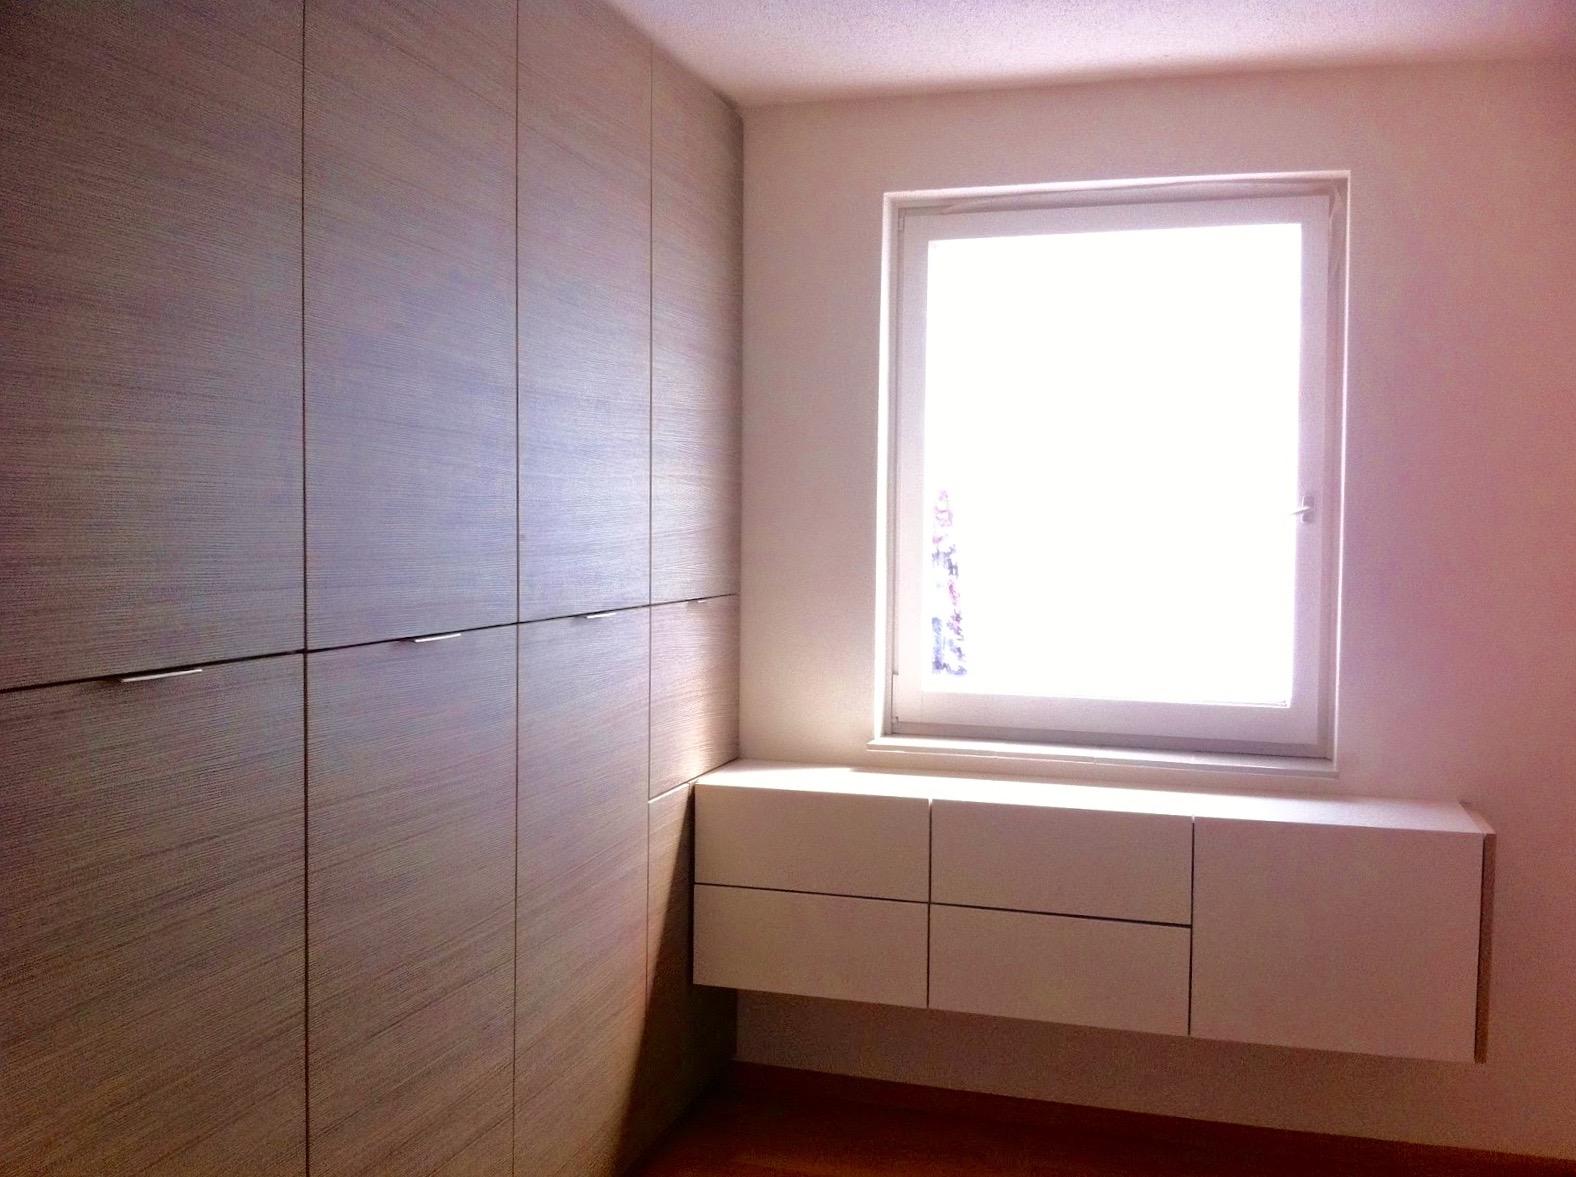 Dressoir Voor Slaapkamer : Gorissendeponti verbouwing slaapkamer j n